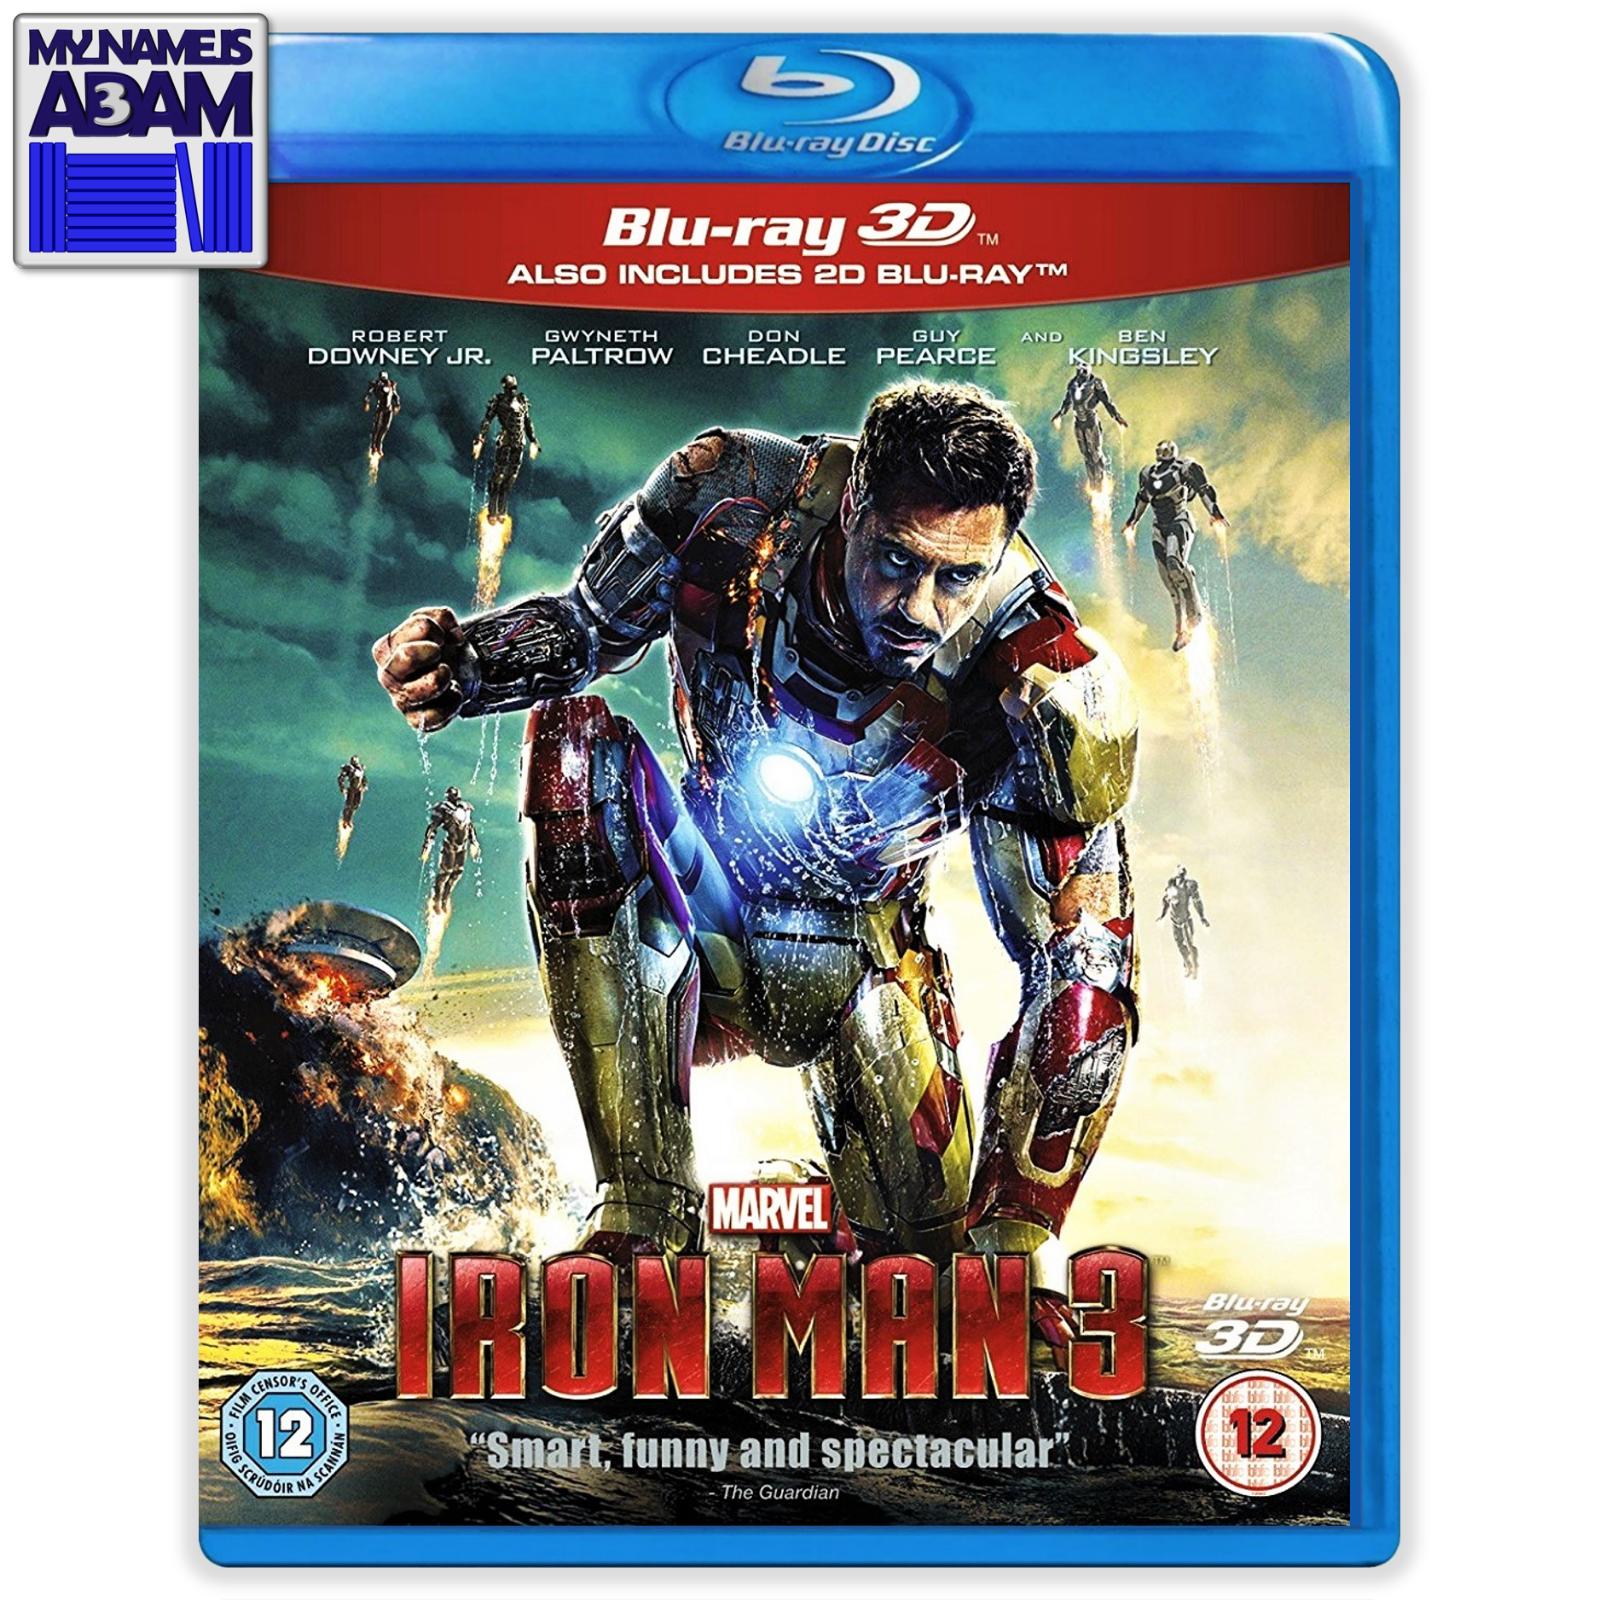 [MARVEL] IRON MAN 3 Blu-ray 3D + 2D (REGION-FREE)